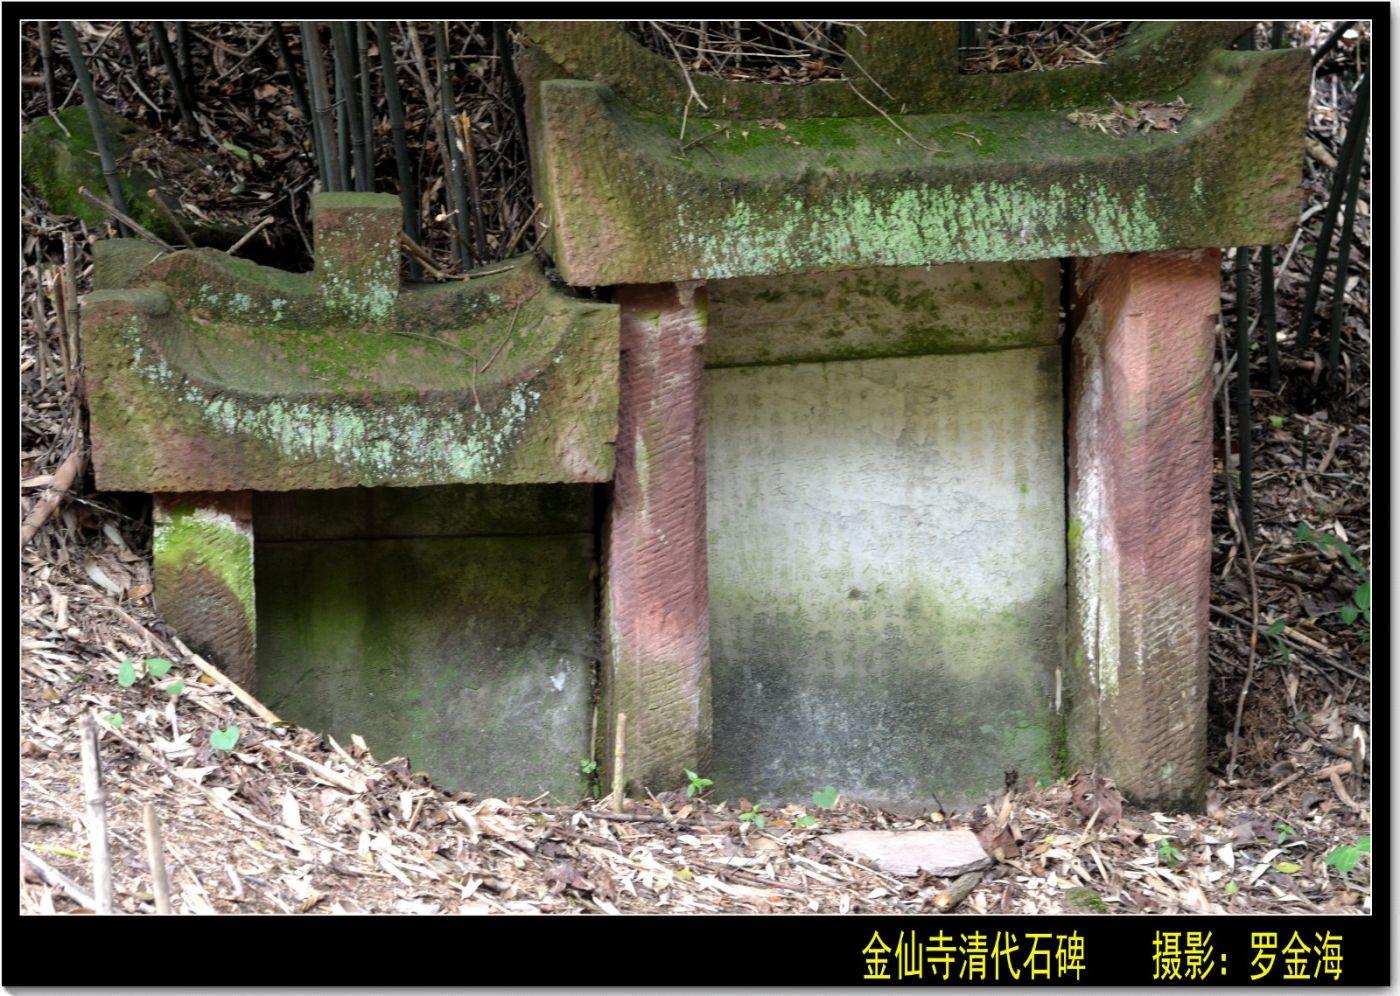 金仙寺游记·七律(下)_图1-17